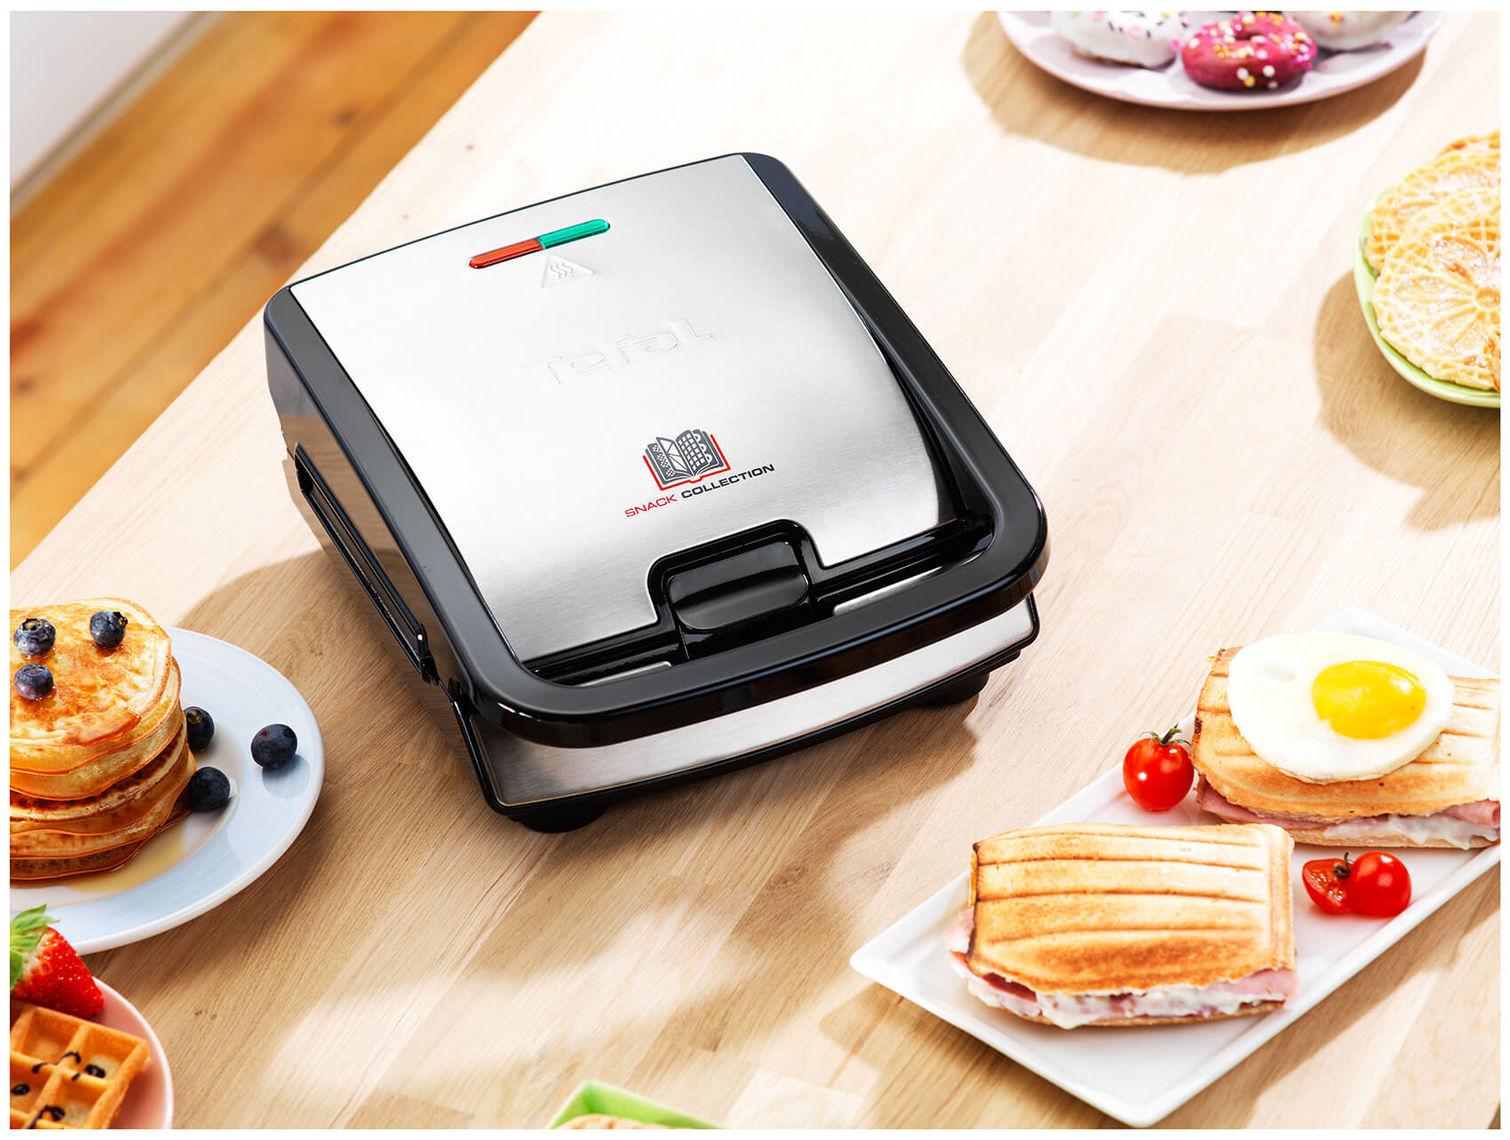 Tefal ALLA GRIGLIA PANINI PIASTRE GRILL SET COLLEZIONE Snack Sandwich /& Snack Maker